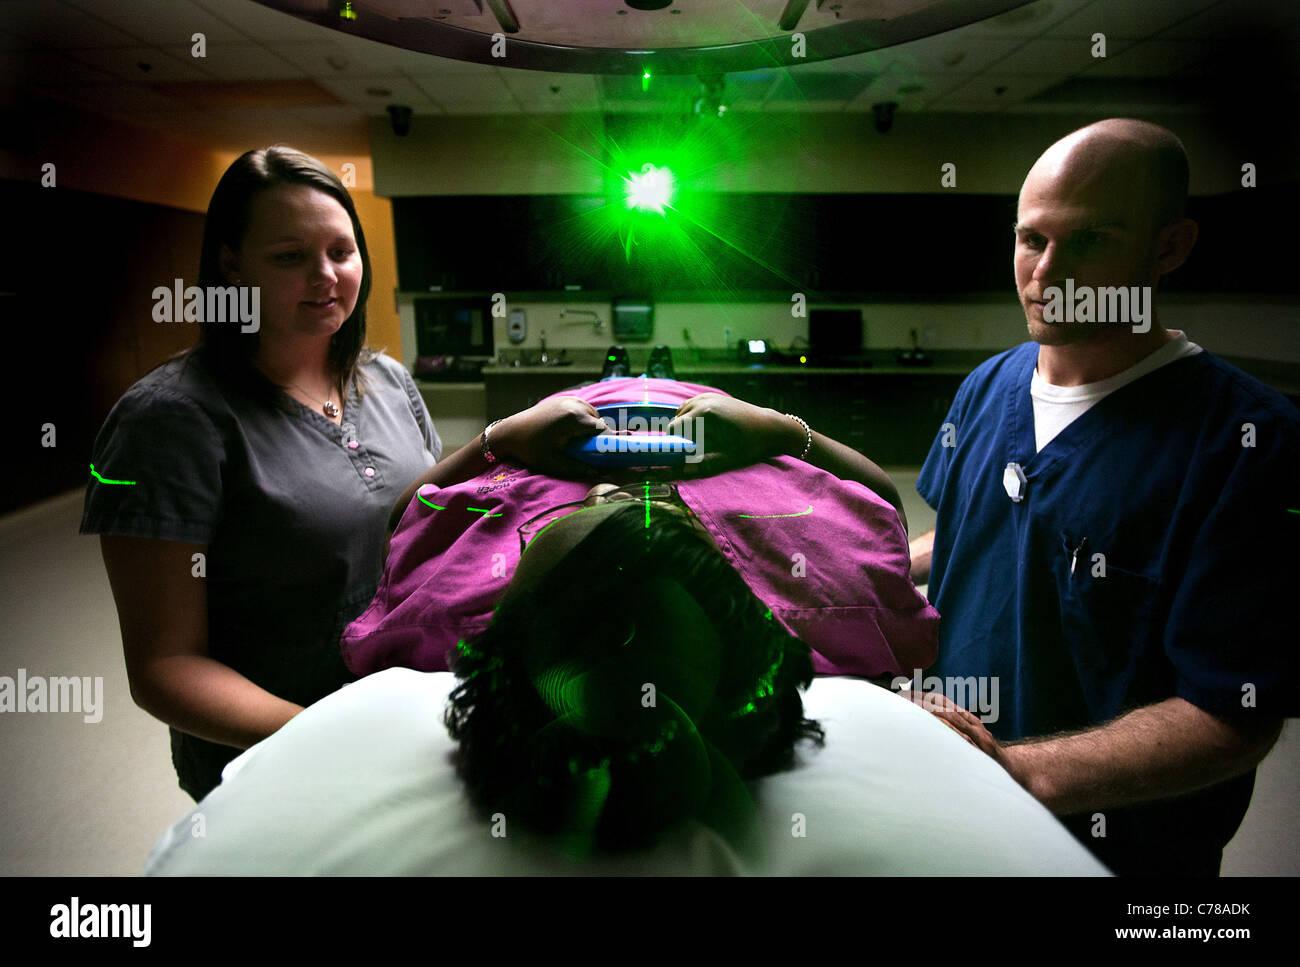 Krankenschwester/Tech spricht mit dem Patienten vor Beginn ihrer Krebsbehandlung. Stockbild